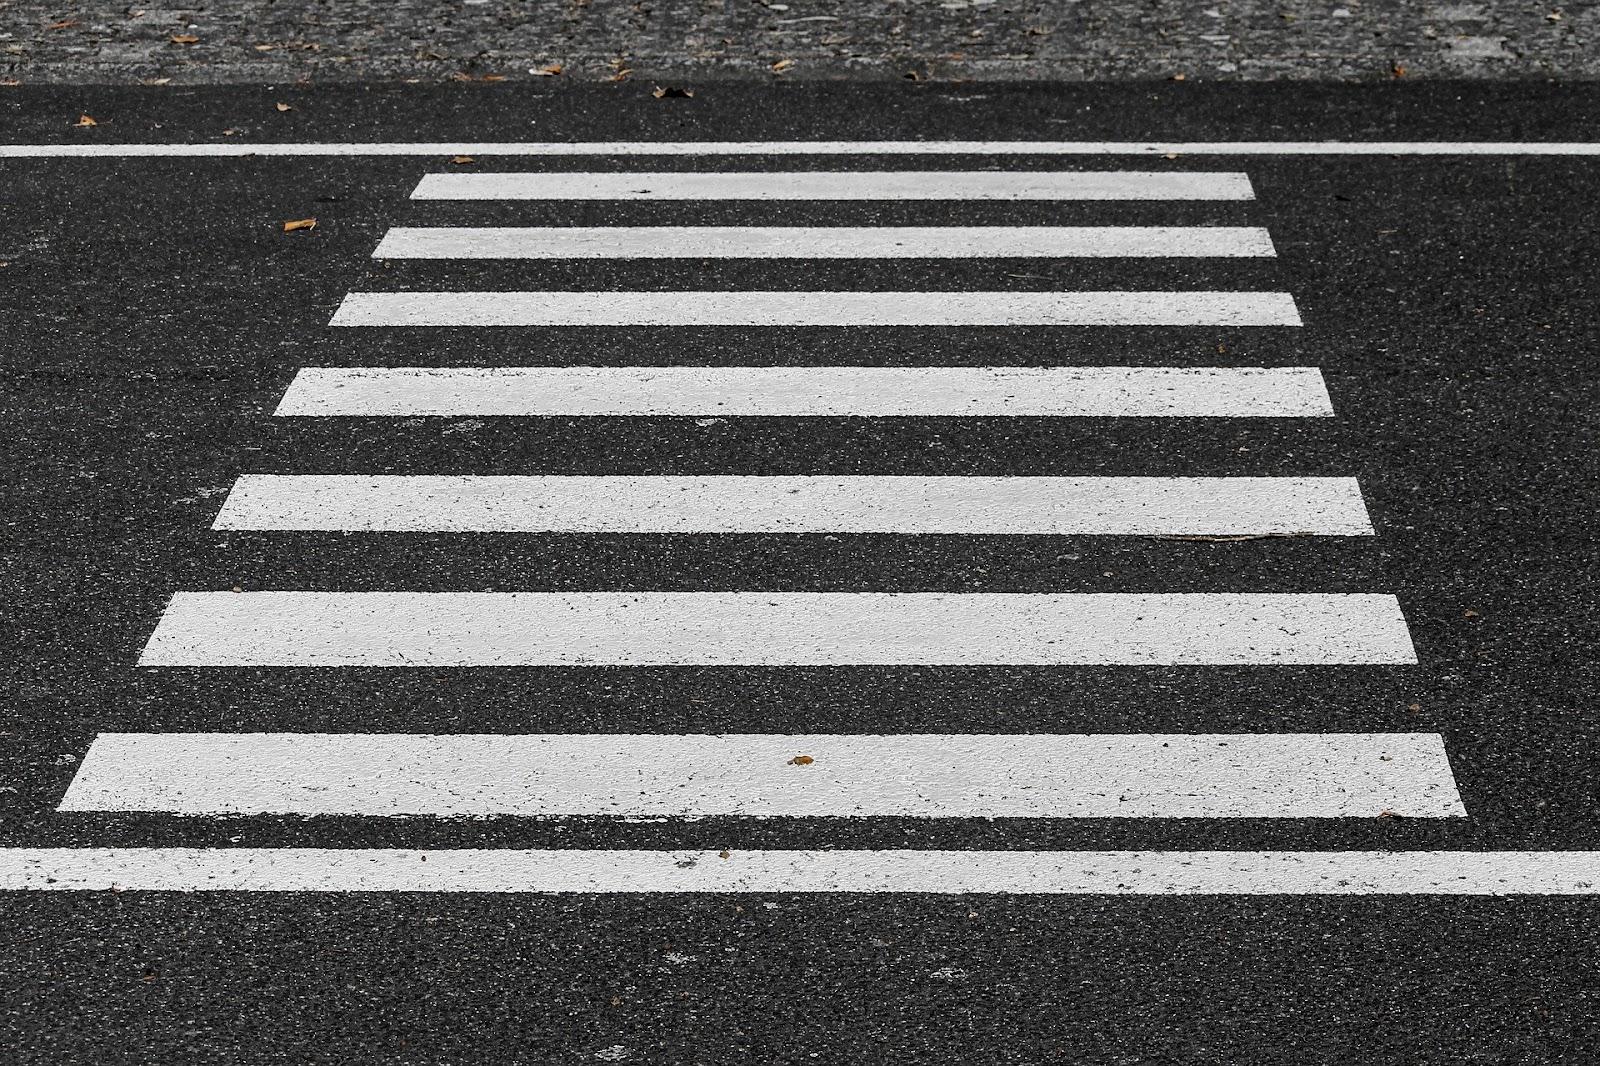 Projetos com foco na caminhabilidade devem priorizar vias exclusivas. (Fonte: Pixabay)